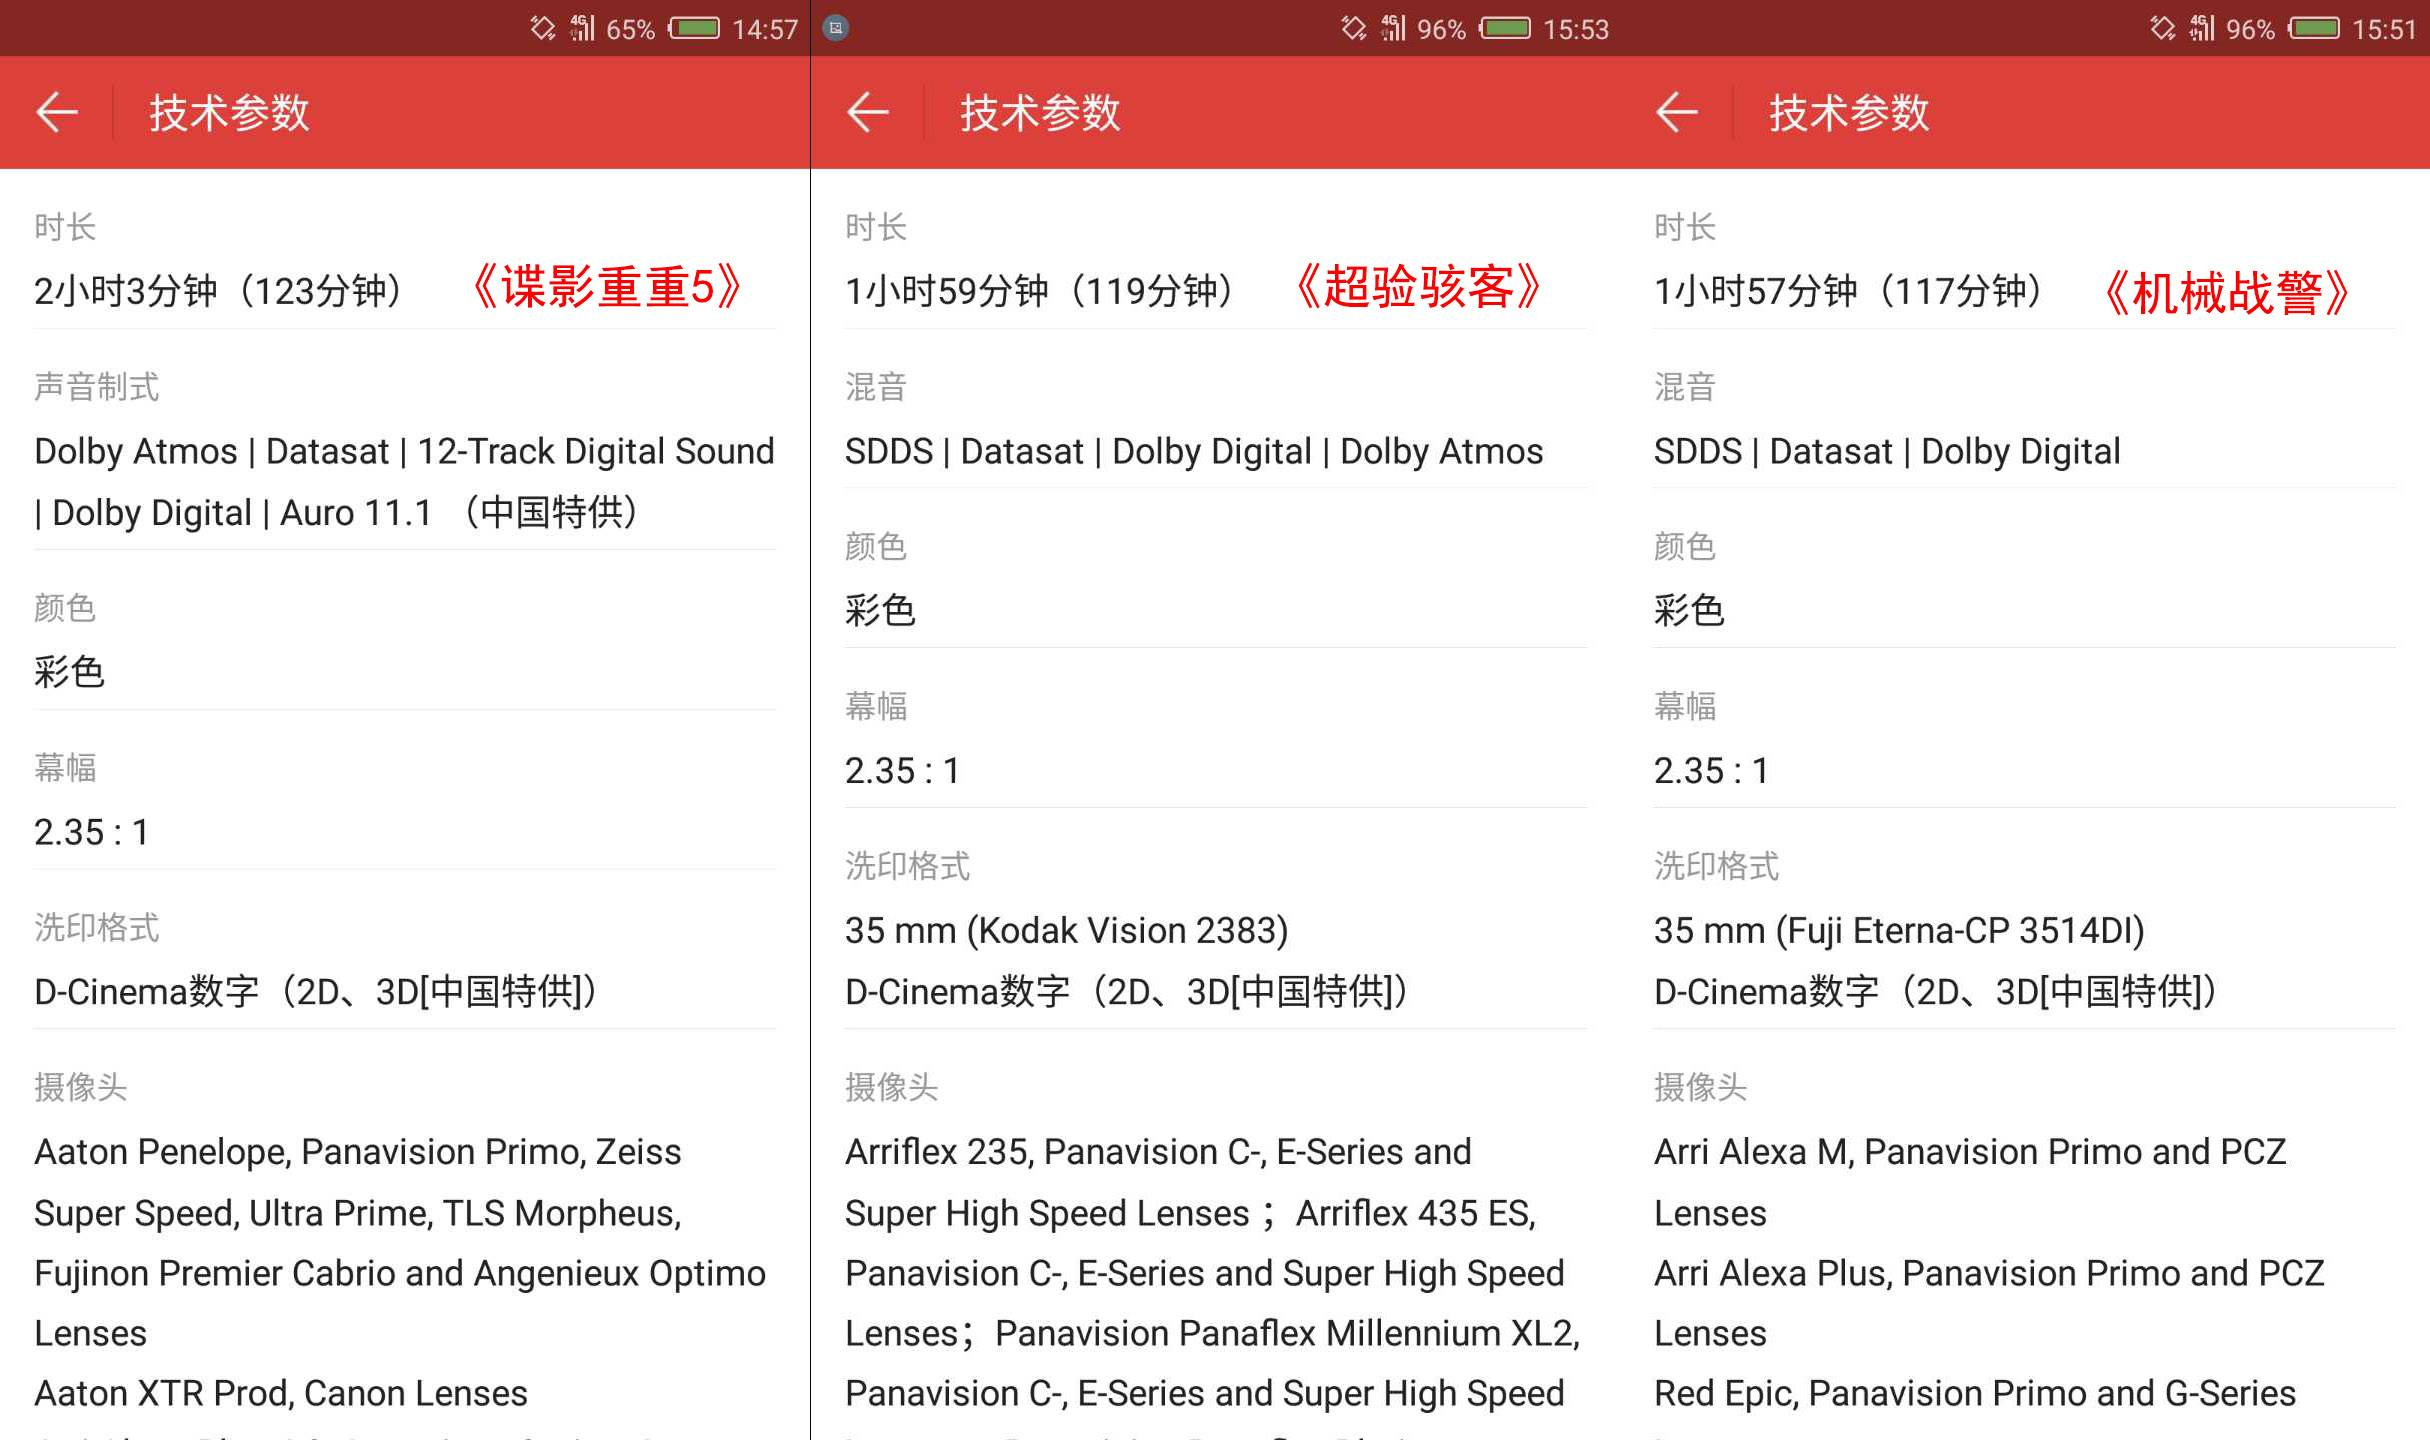 我是中国观众,就得被逼着看特供3D电影吗?